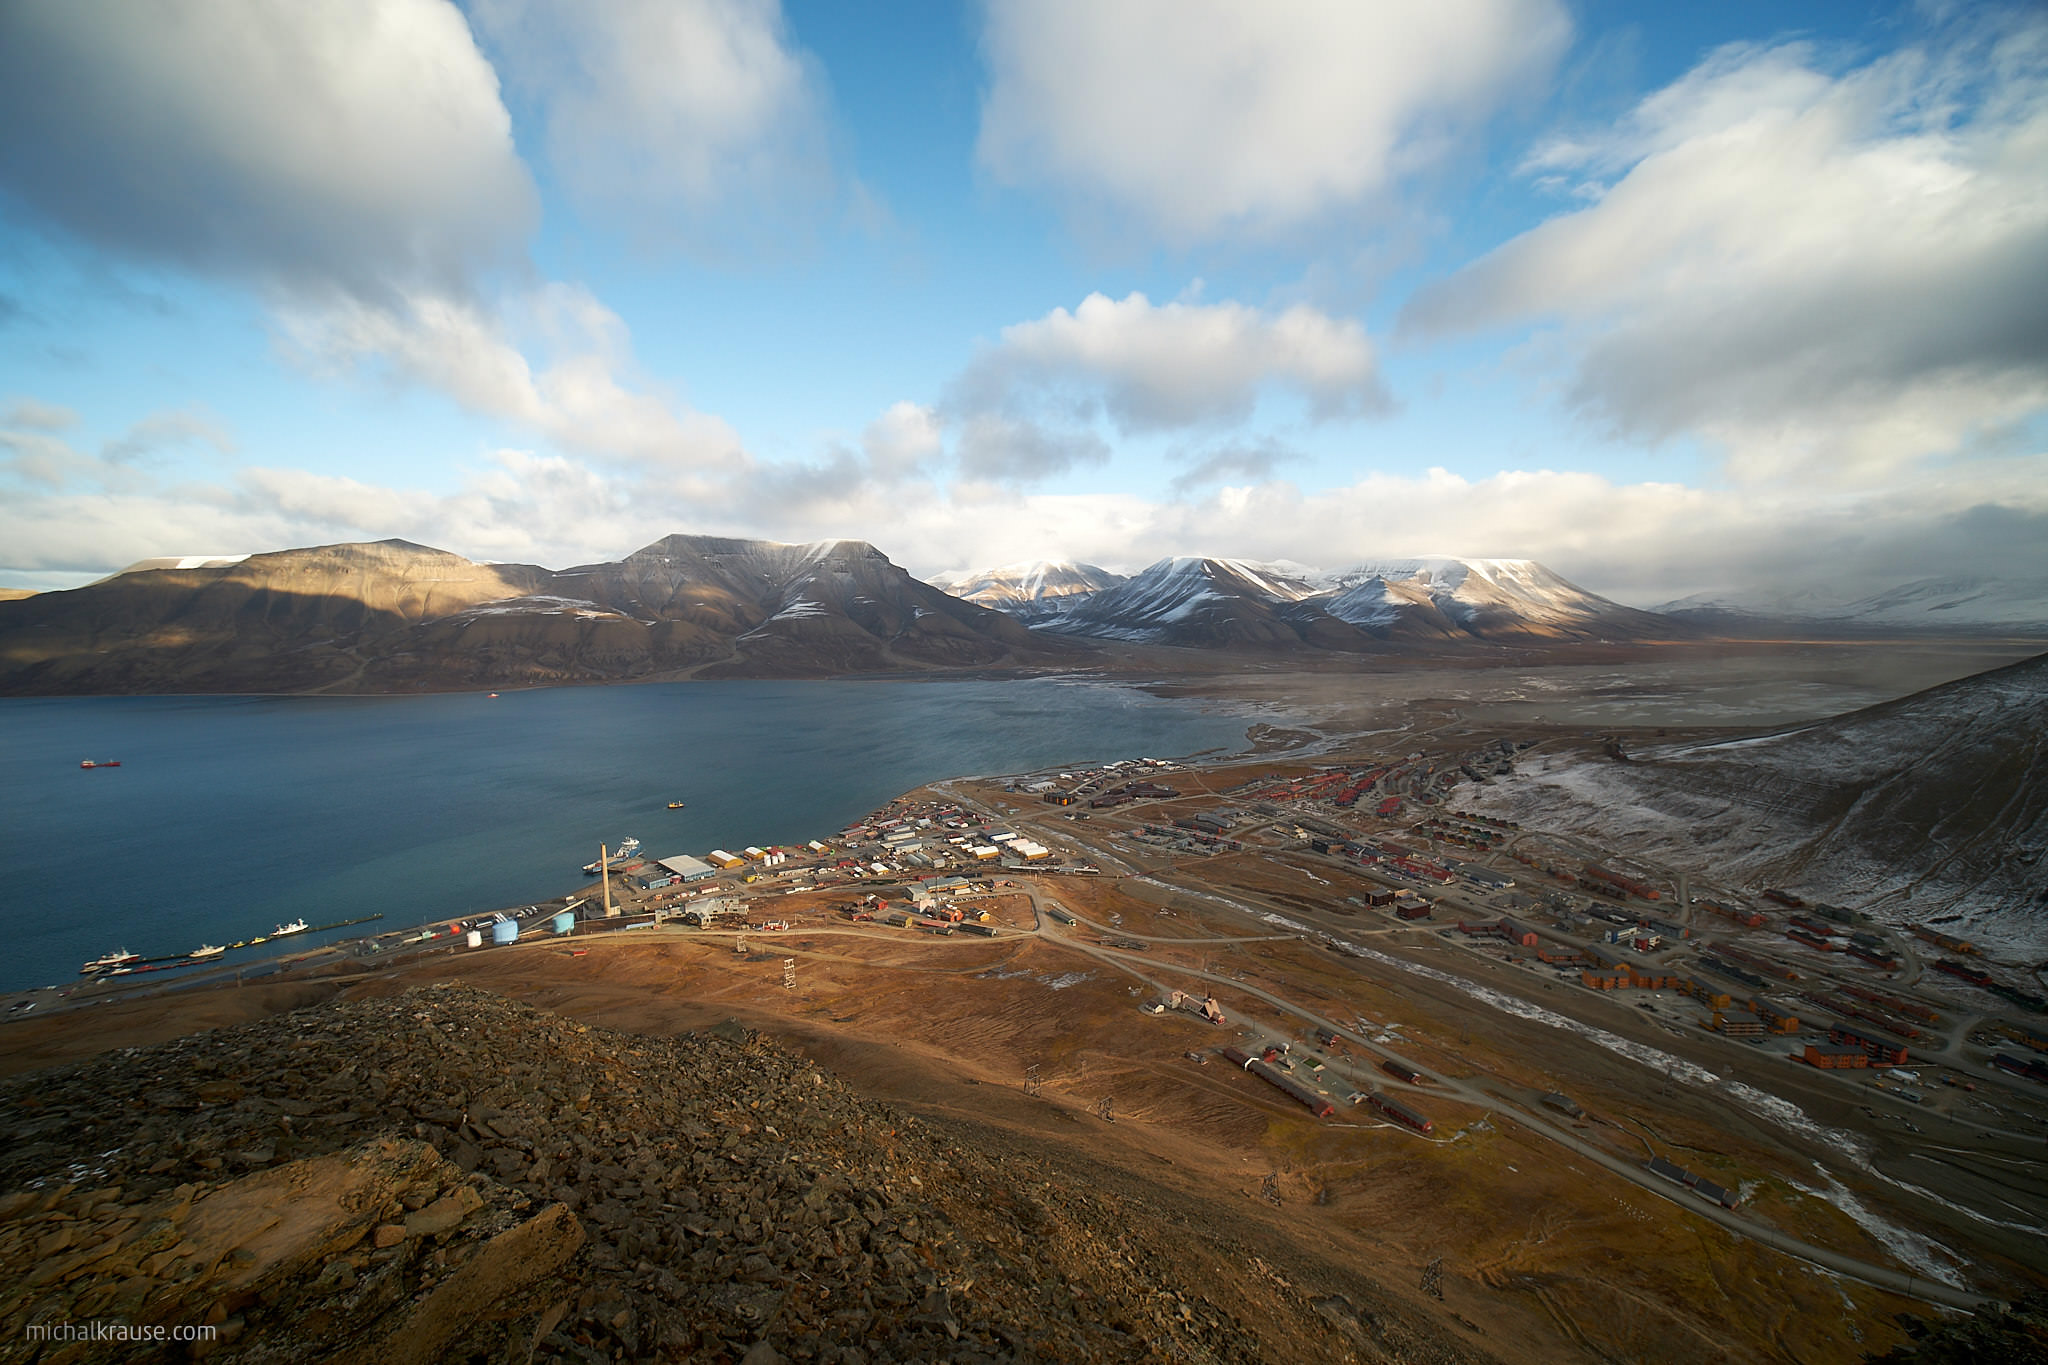 Pohled na město Longyearbyen (Špicberky)